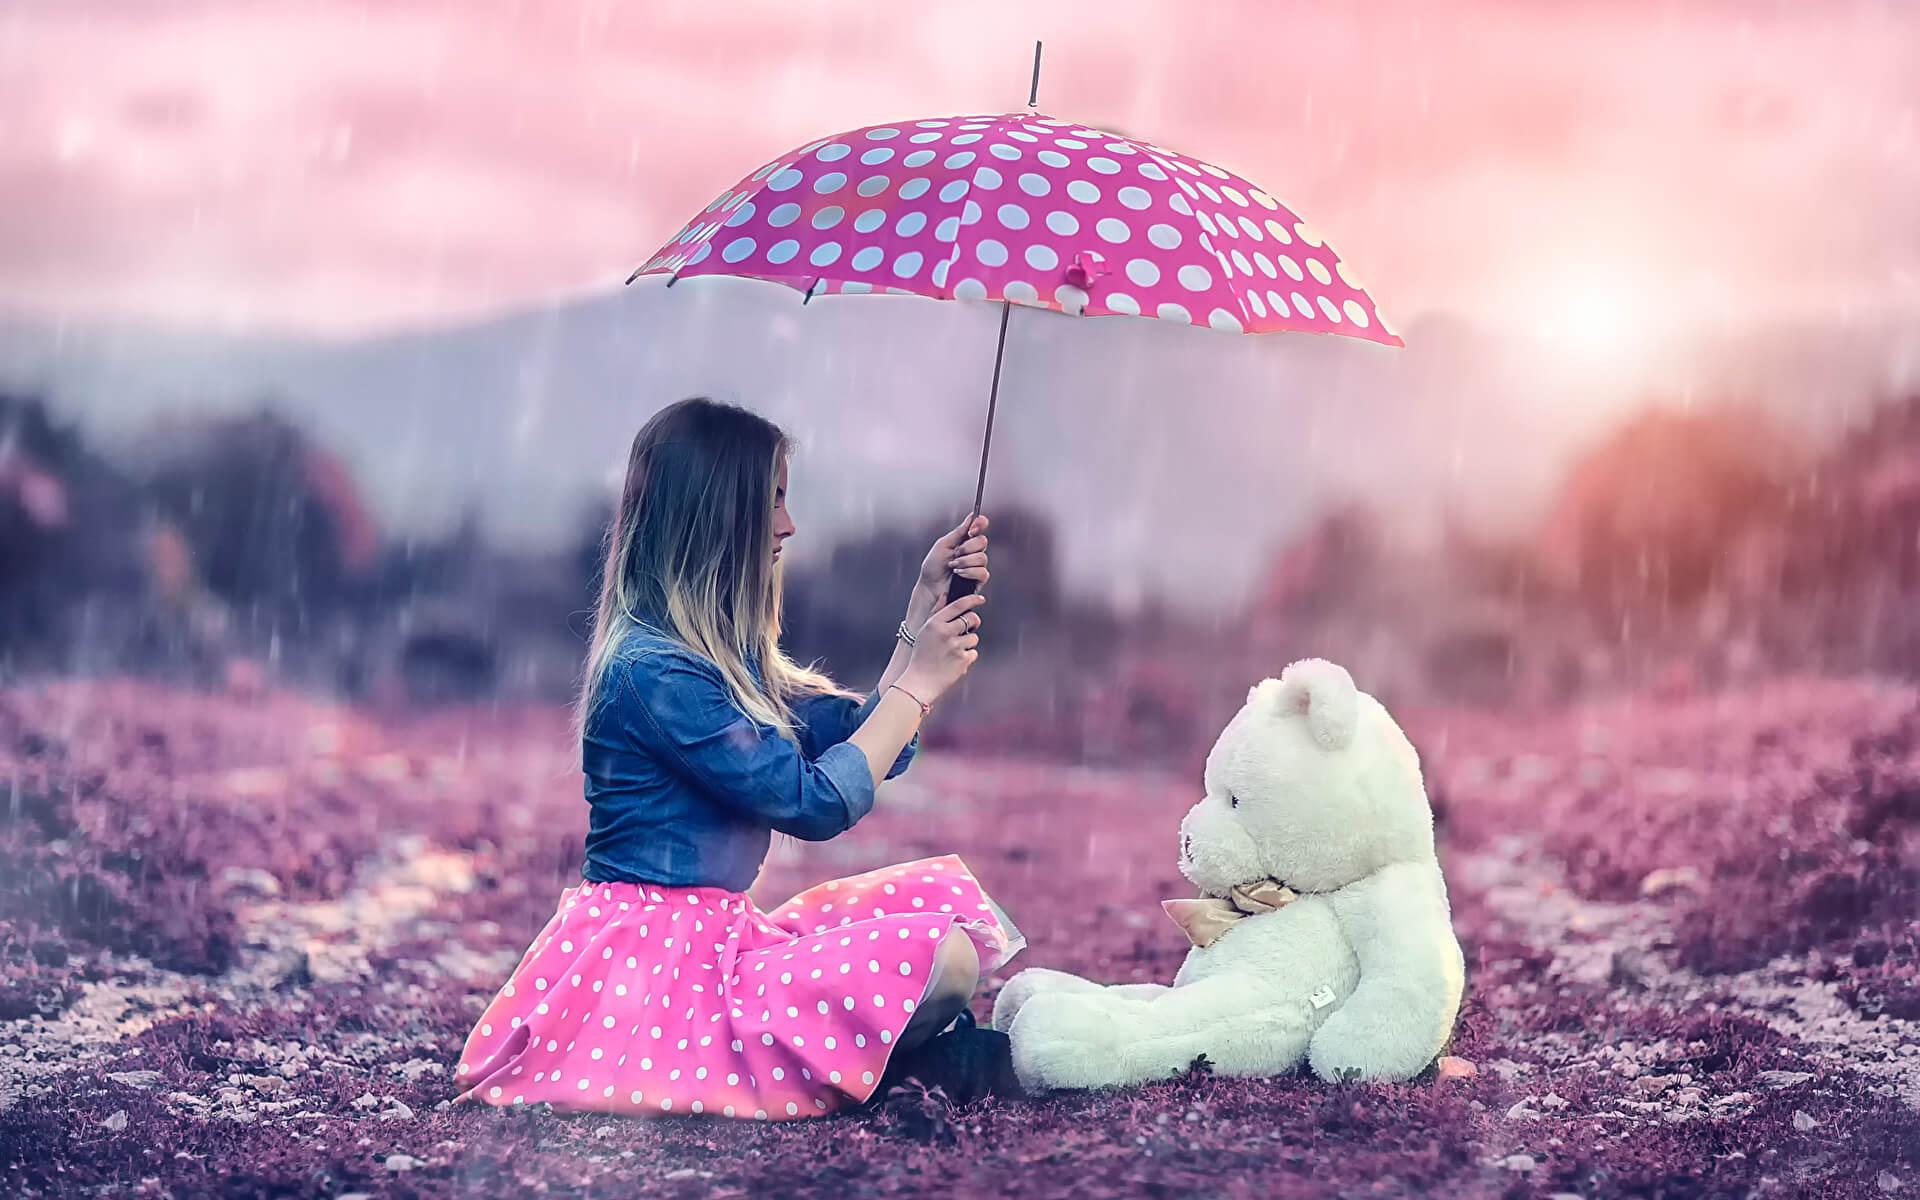 Красивые и приятные картинки для души и настроения - подборка 24